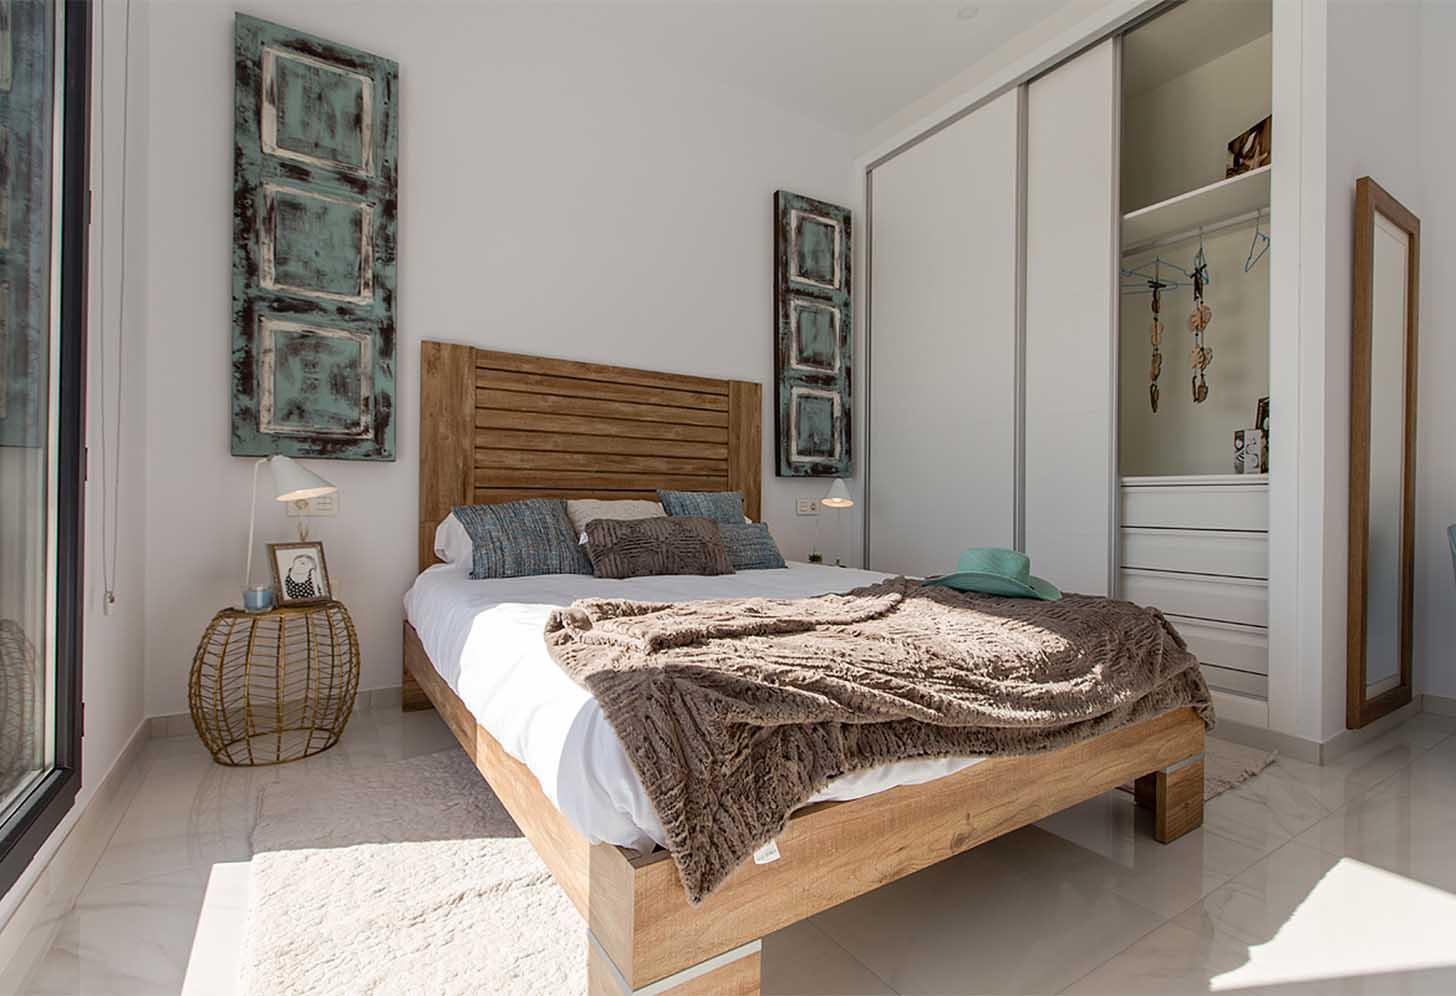 immobilier neuf espagne costa blanca nord on-f2 benijofar villas chambre 1